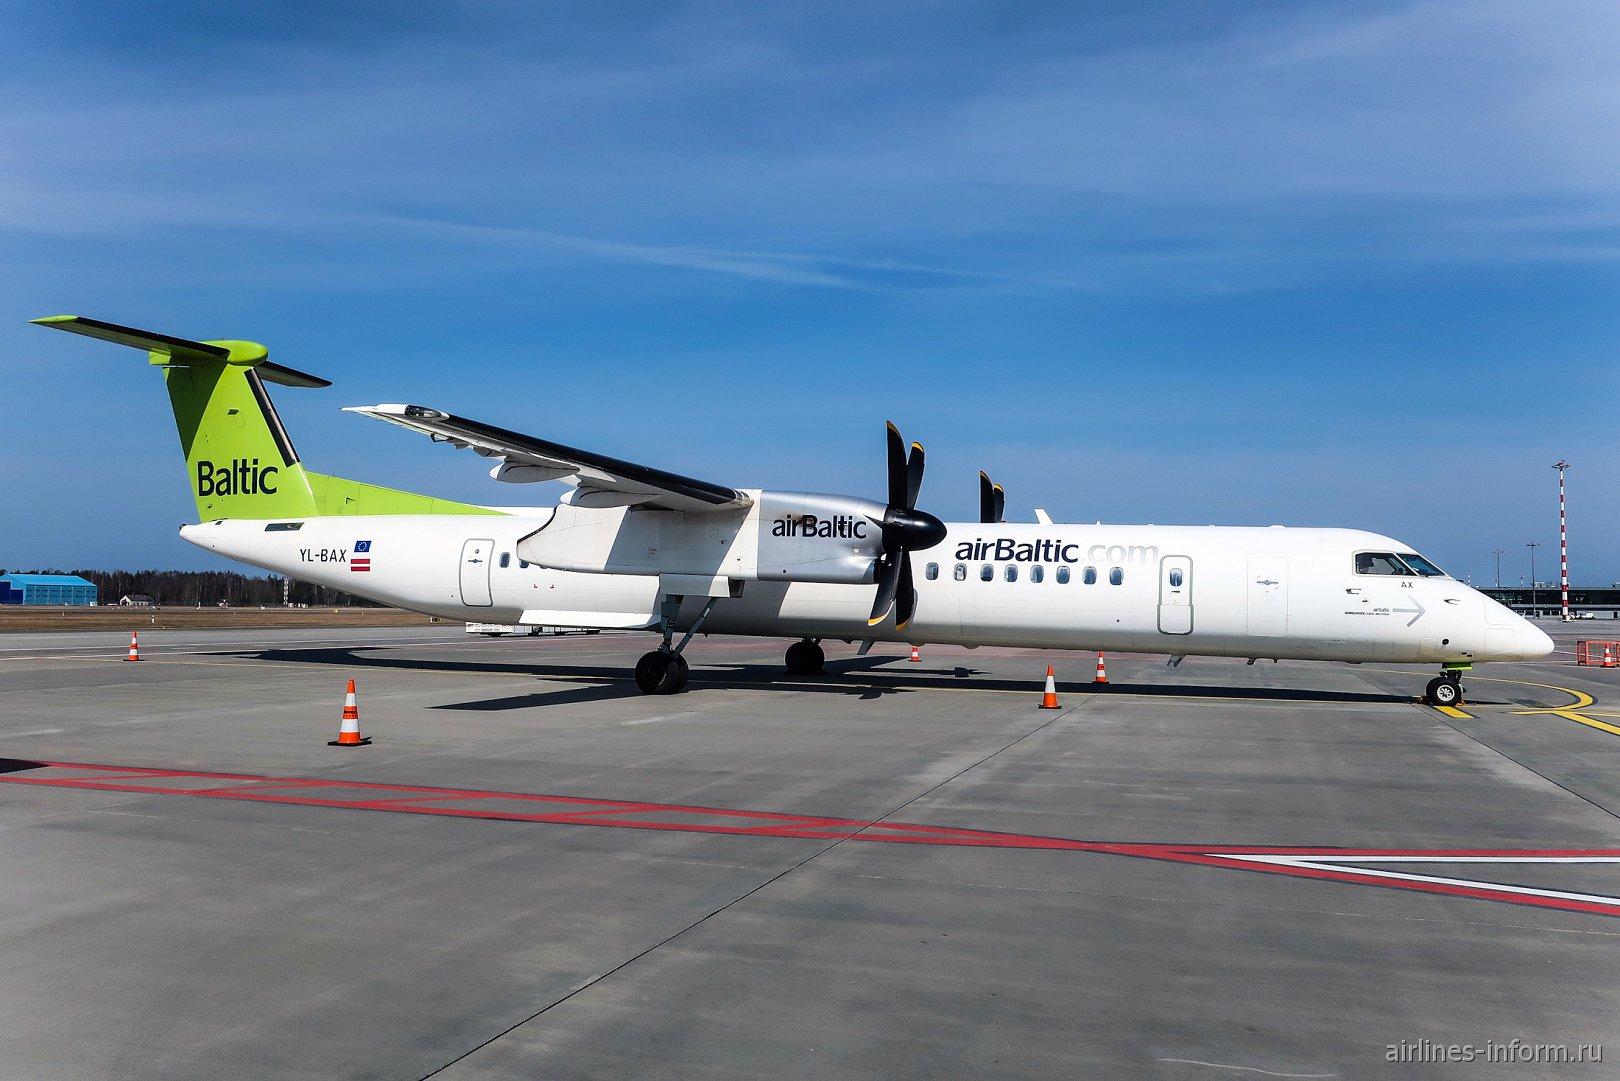 Рига - Биллунн. В Данию с airBaltic